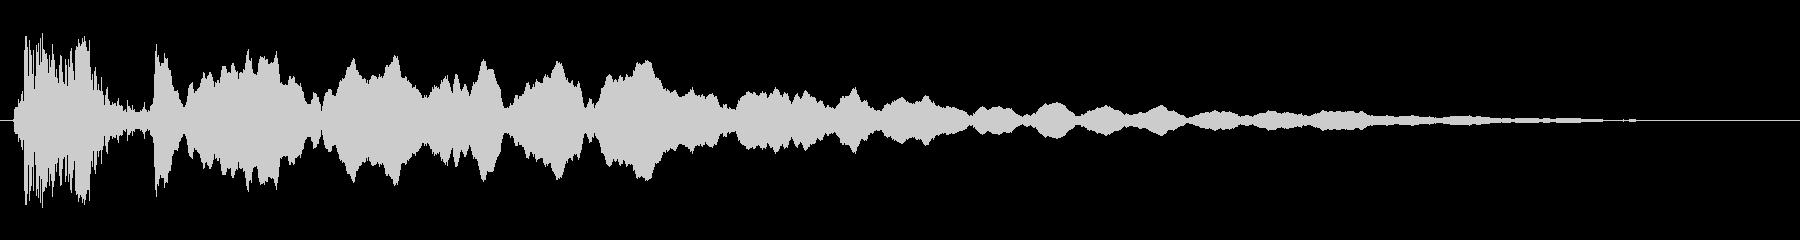 マシンの作動音(大きなモーター、空気音)の未再生の波形